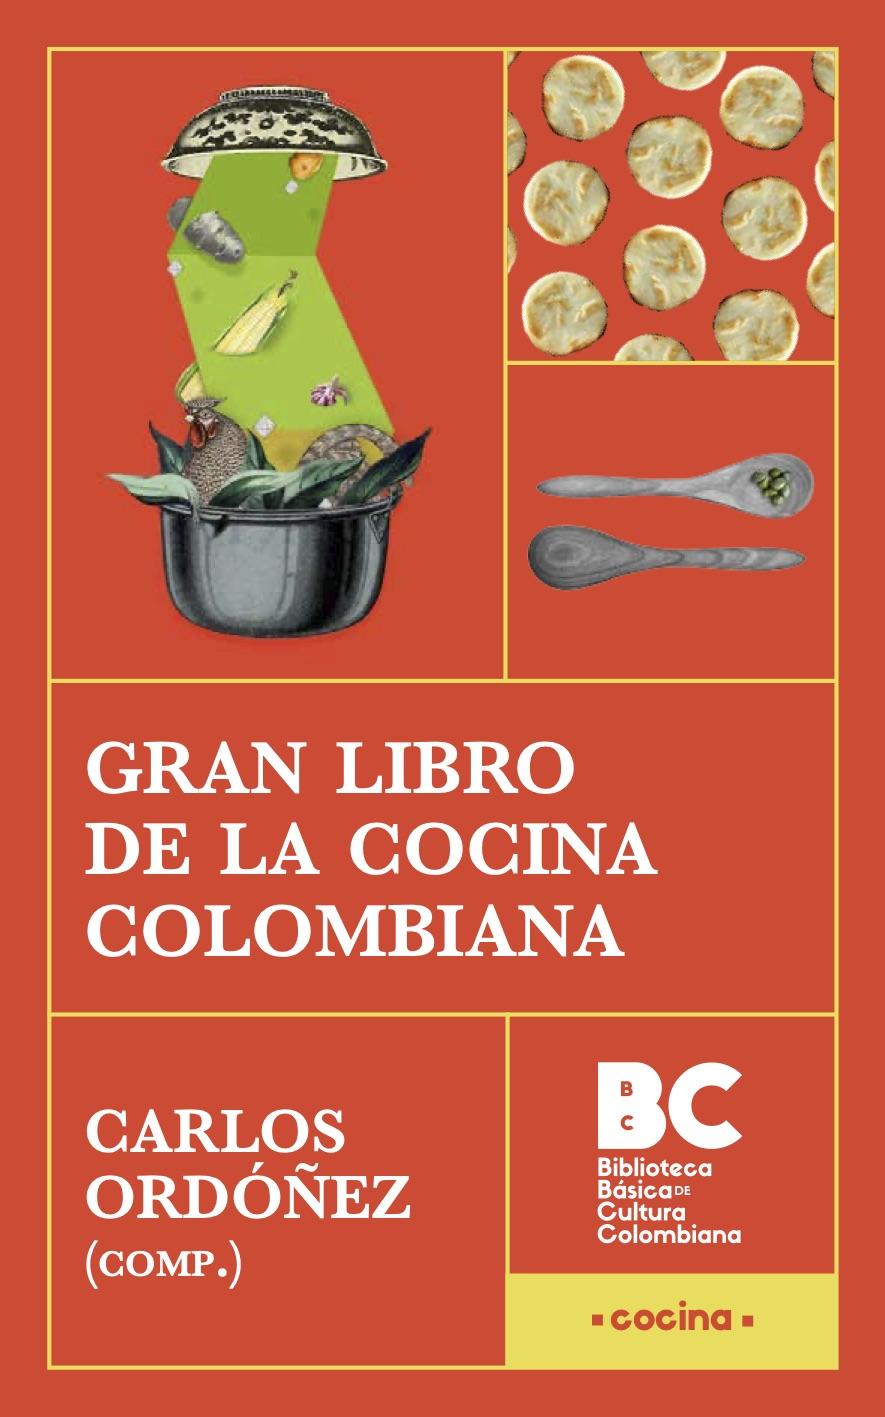 Portada del Gran Libro de la Cocina Colombiana